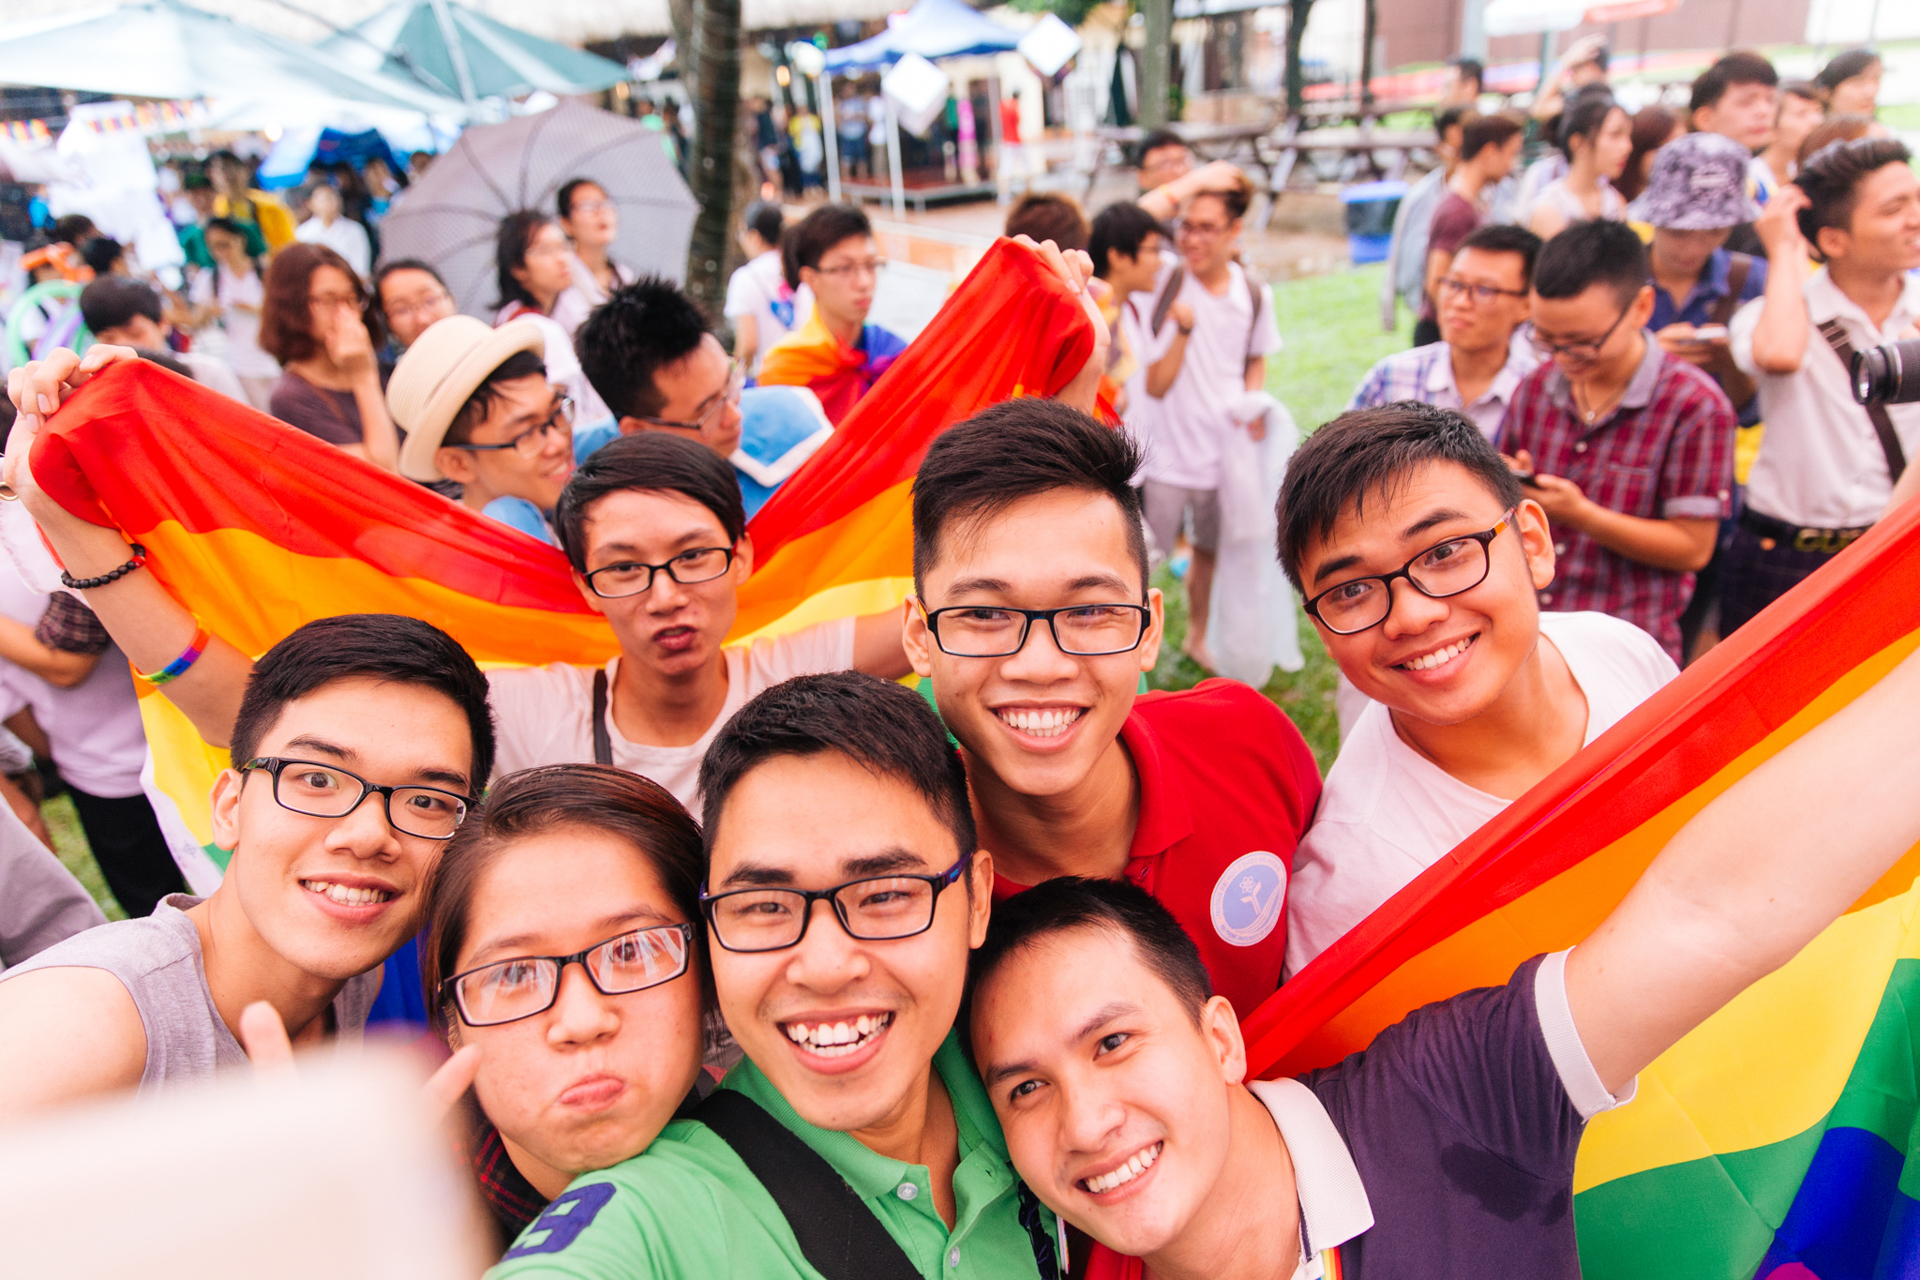 VietPride 2015, Hanoi, Vietnam (2015)